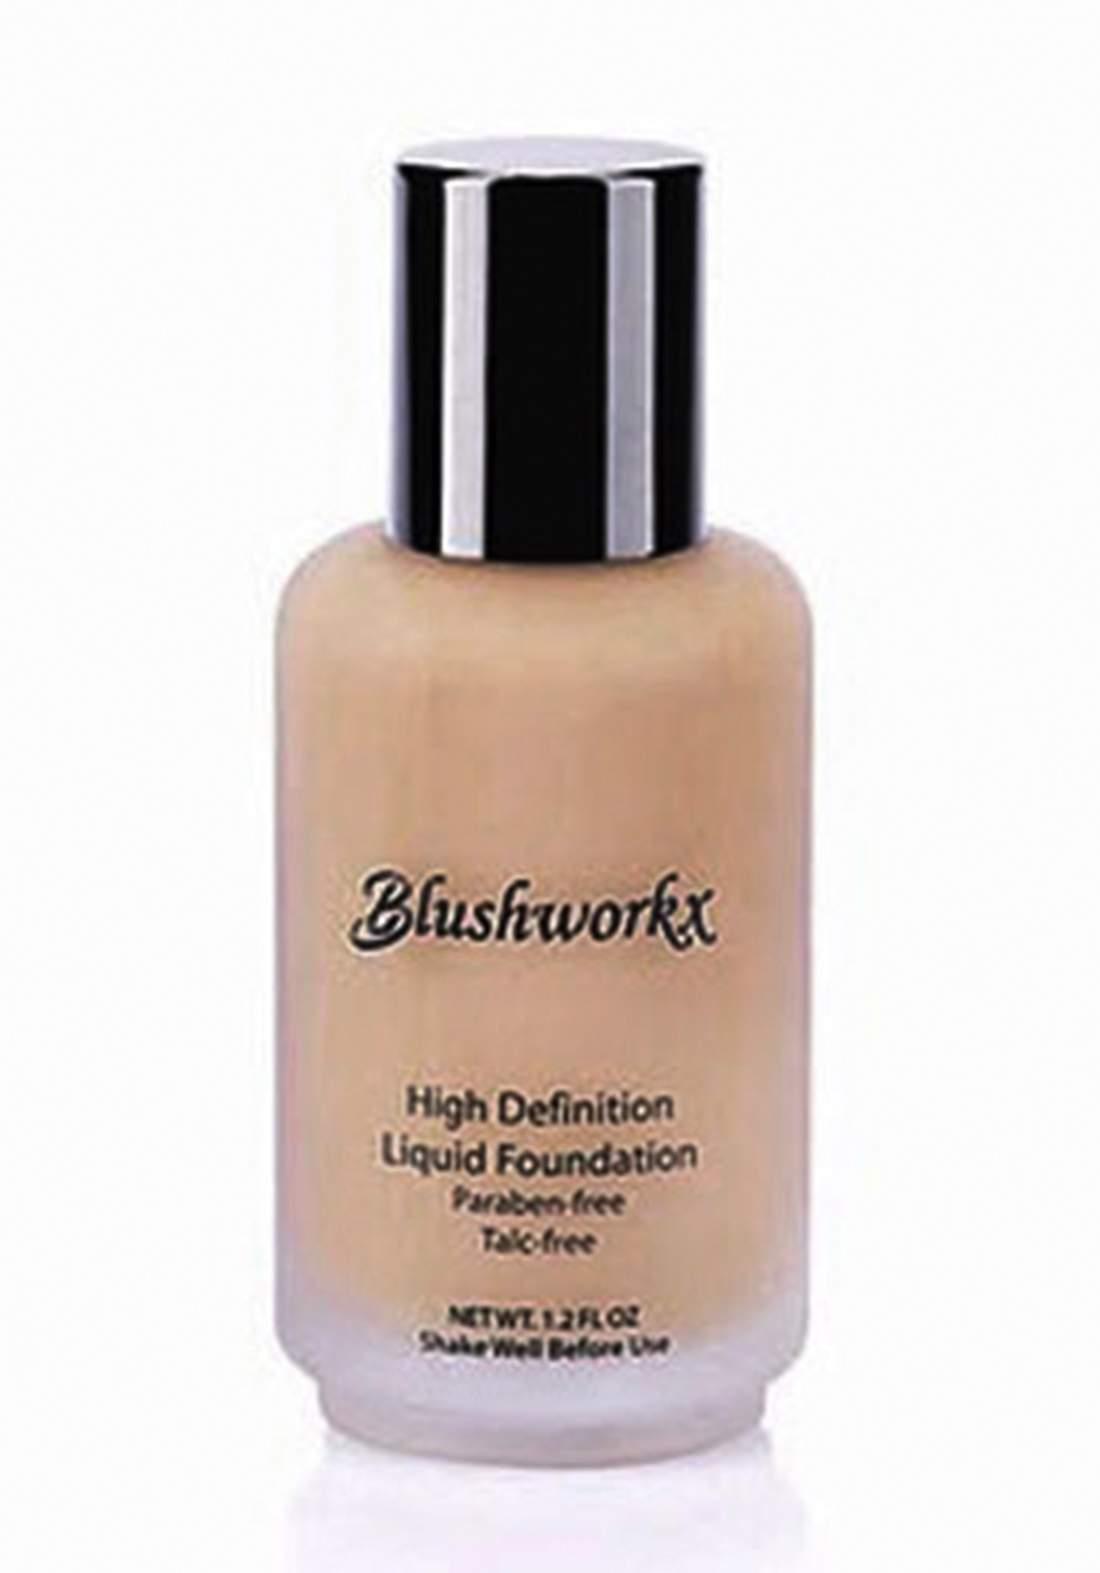 Blushworkx Hollywood High Definition Liquid Foundation 35ml Light كريم اساس